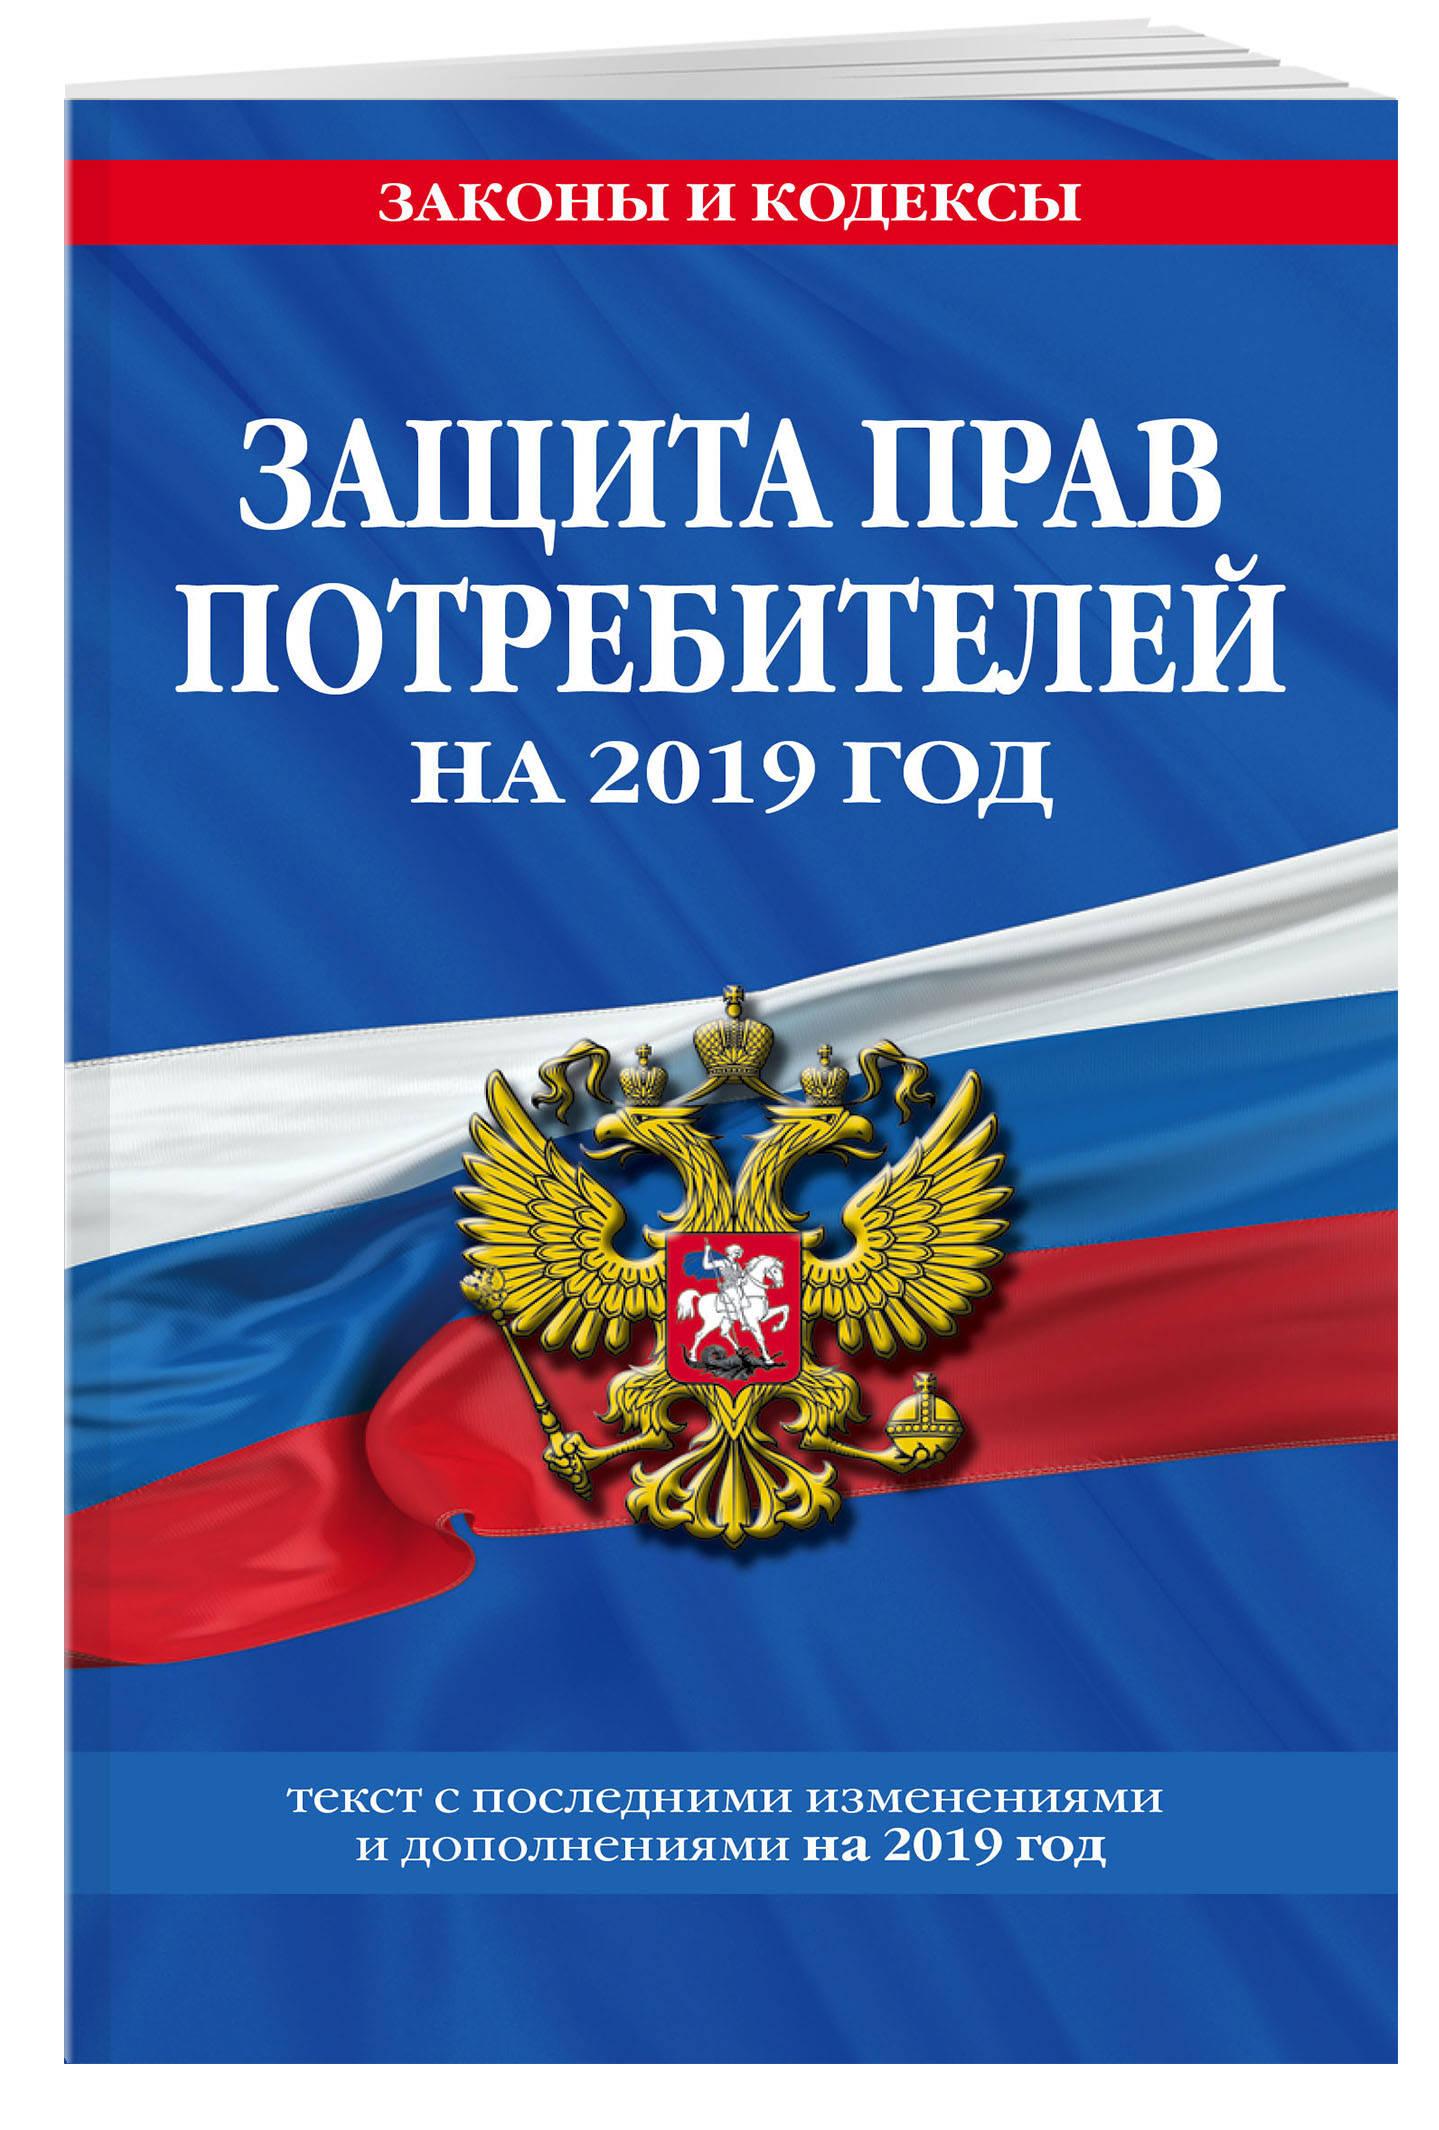 Закон РФ О защите прав потребителей: текст с посл. изм. на 2019 год